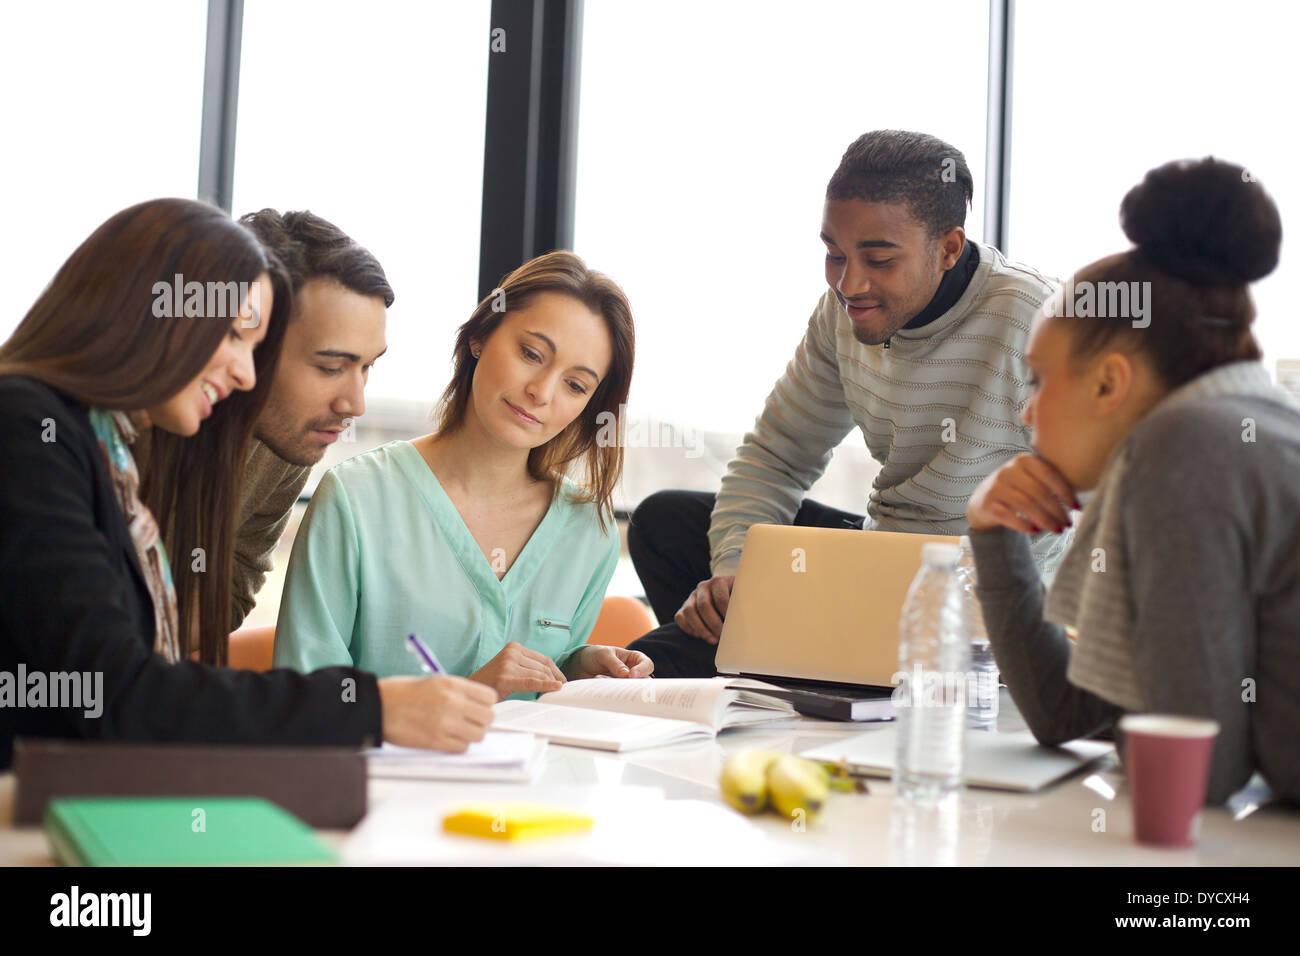 Diversi gruppi di giovani studenti di lavorare insieme su scuola assegnazioni. Popolazione multietnica studiando insieme a una tabella. Immagini Stock